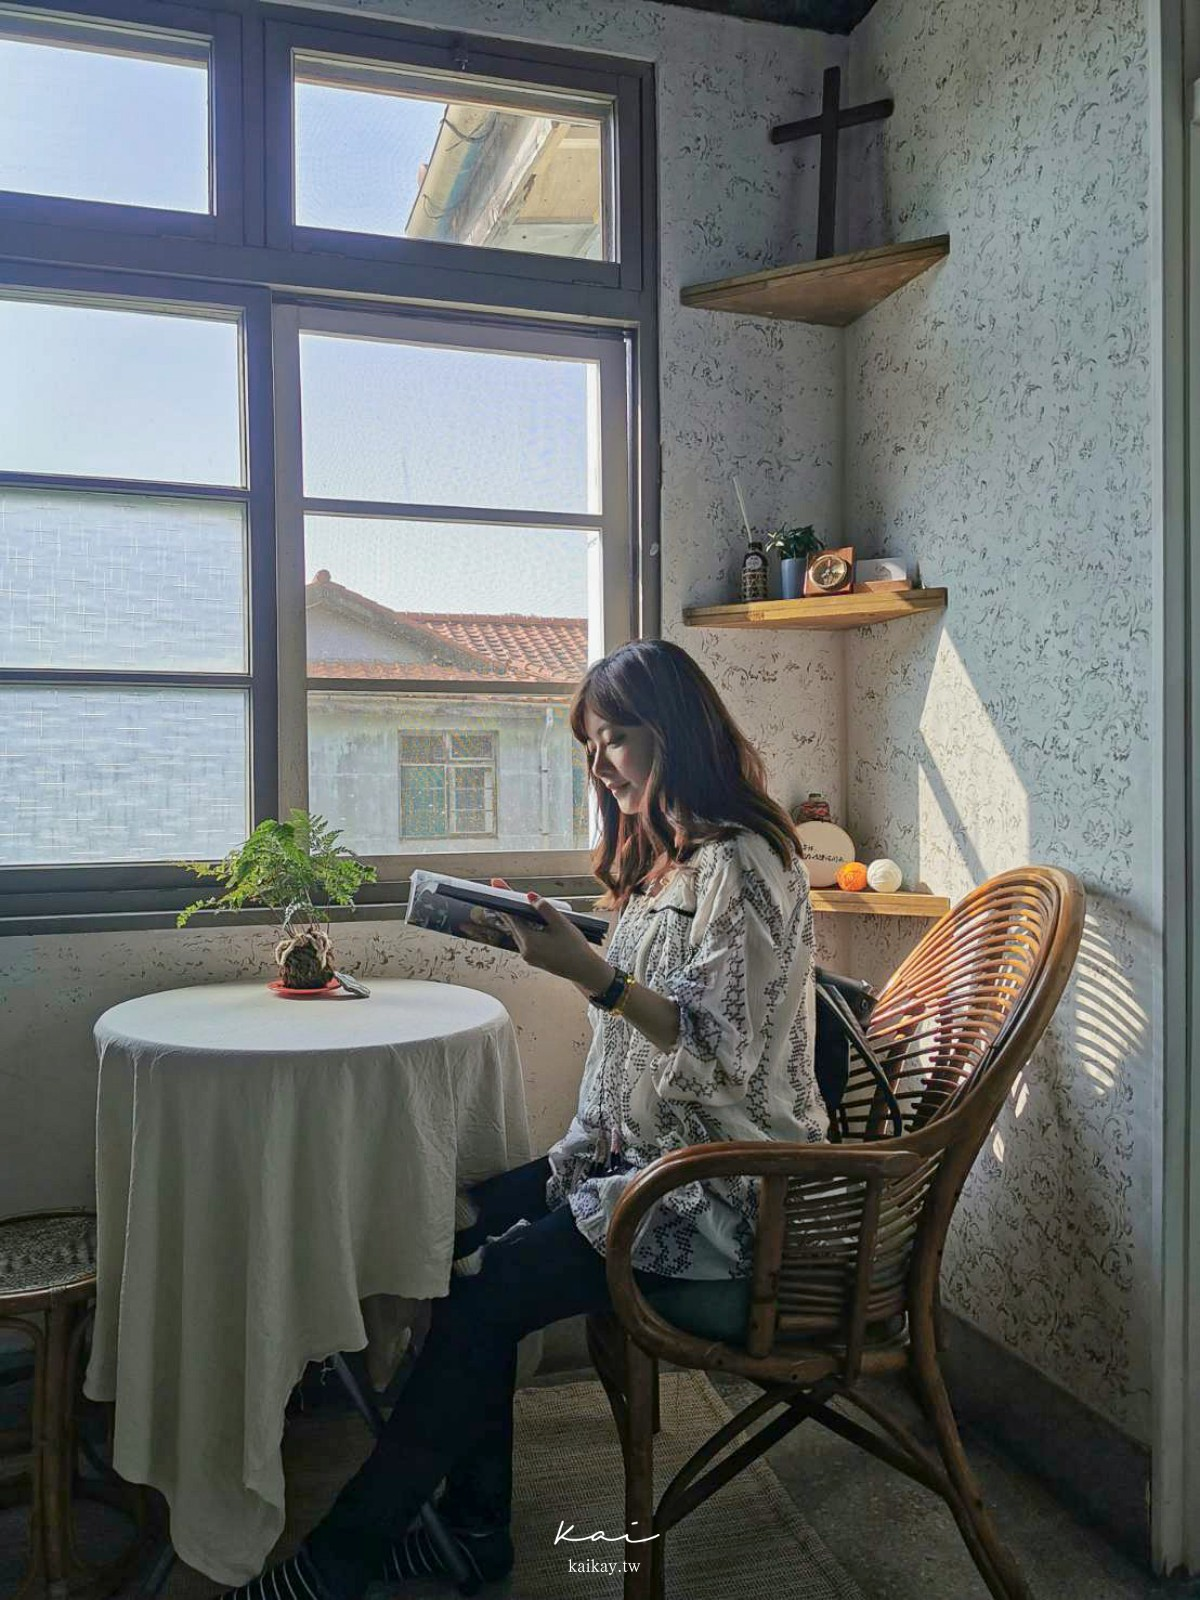 ☆【南投女子輕旅行】精選3個景觀下午茶、7個打卡景點、5個體驗行程。豪華露營車、清境民宿、霍格華茲巧克力城堡、合歡山賞杜鵑花觀星、中興新村文創之旅。